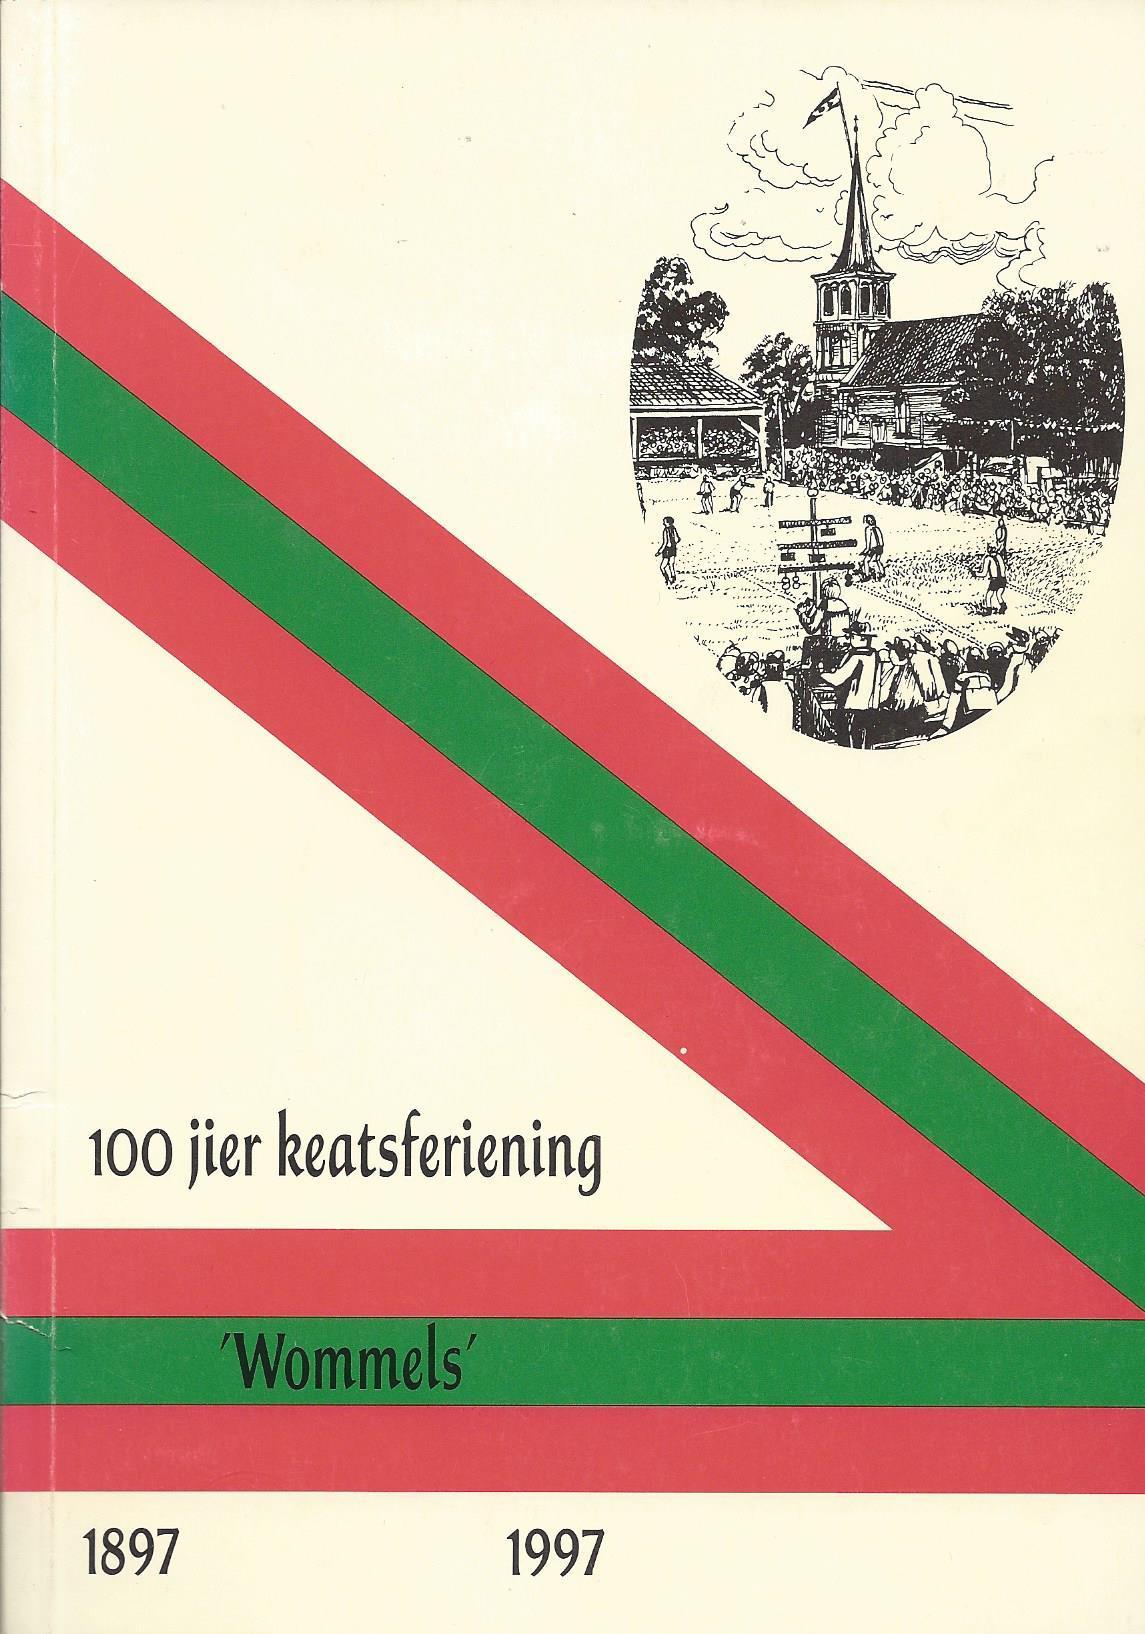 BOKMA, HINNE - 100 Jier keatsferiening 'Wommels' -1897-1997